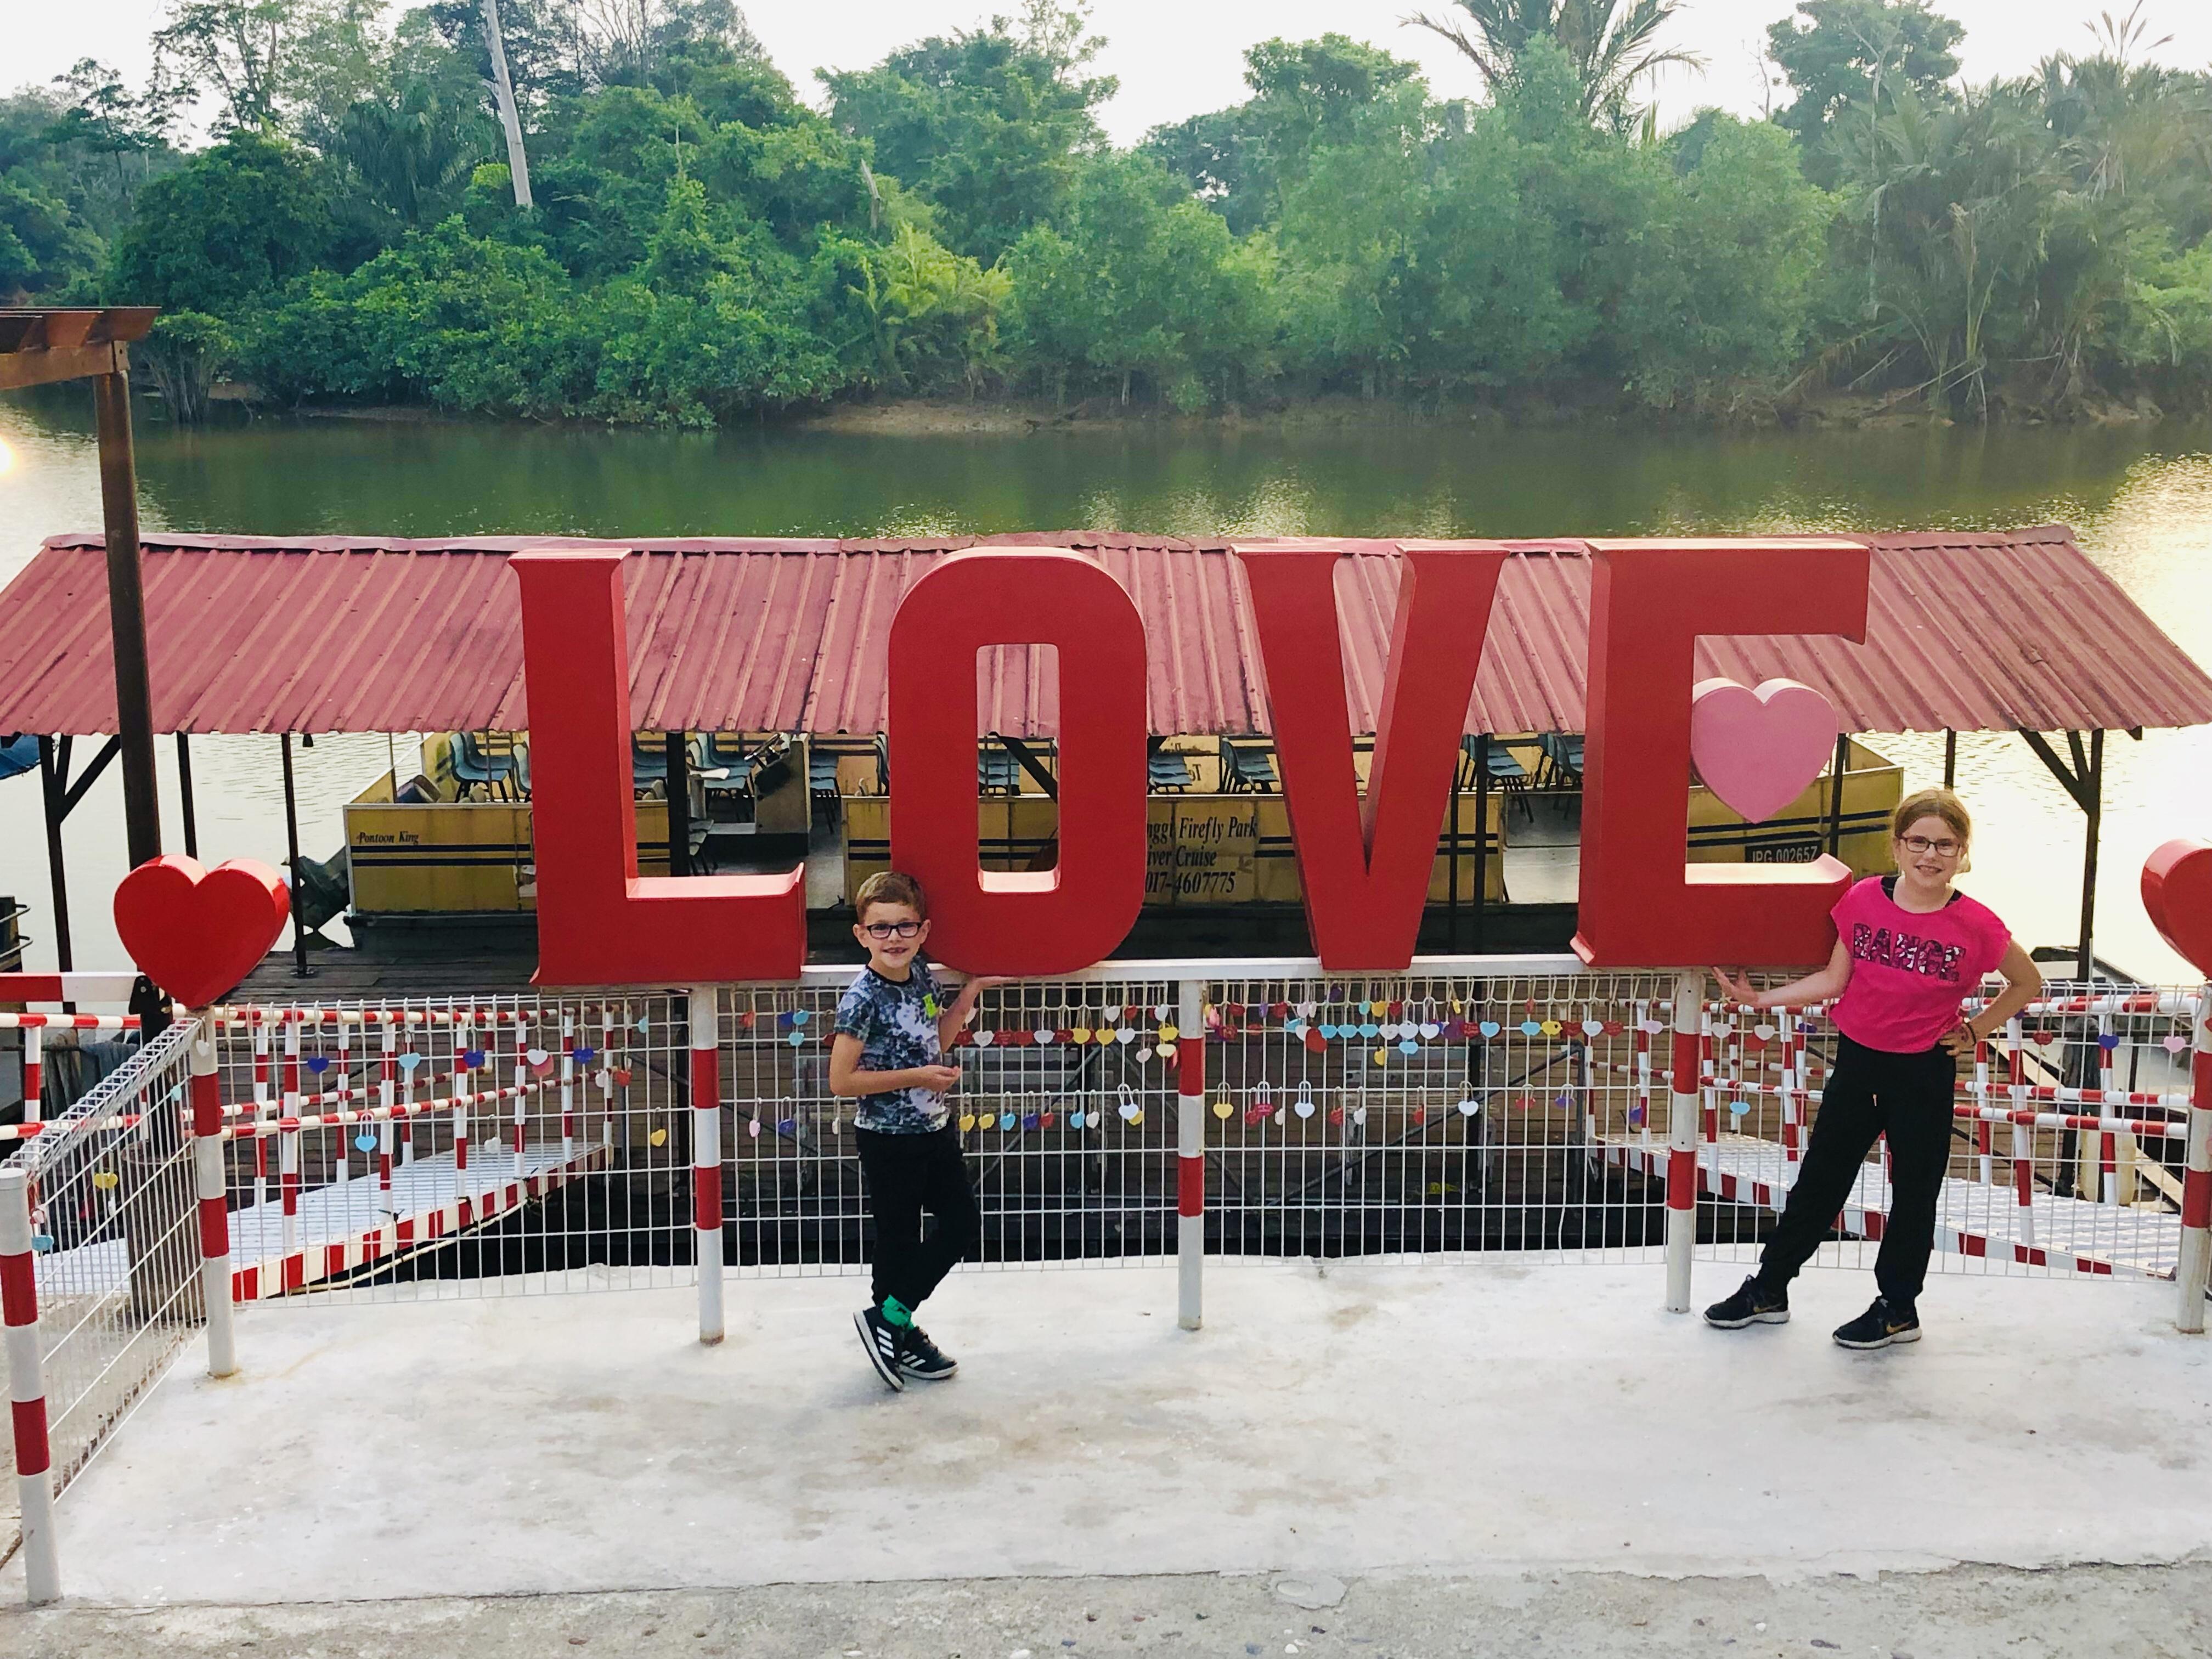 Johor Bahru tips, visiting Kota Tinggi Firely park